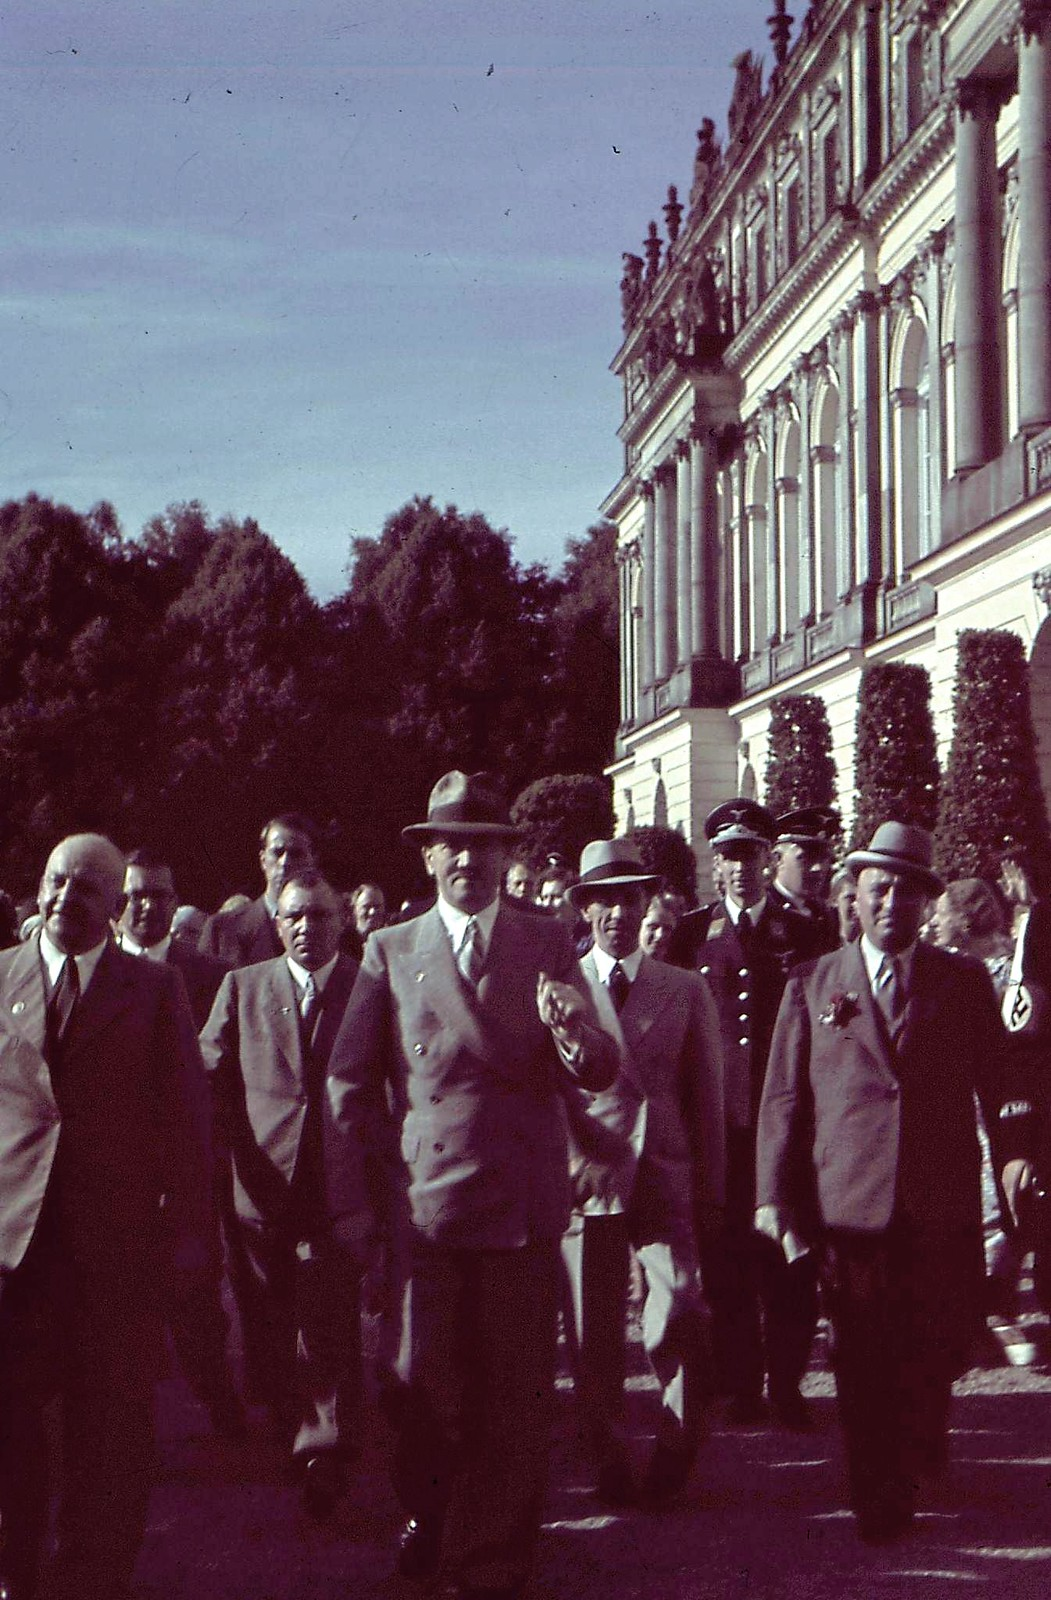 1935. Адольф Гитлер гуляет с Робертом Леем, Йозефом Геббельсом, Мартином Борманом и другими высокопоставленными лицами